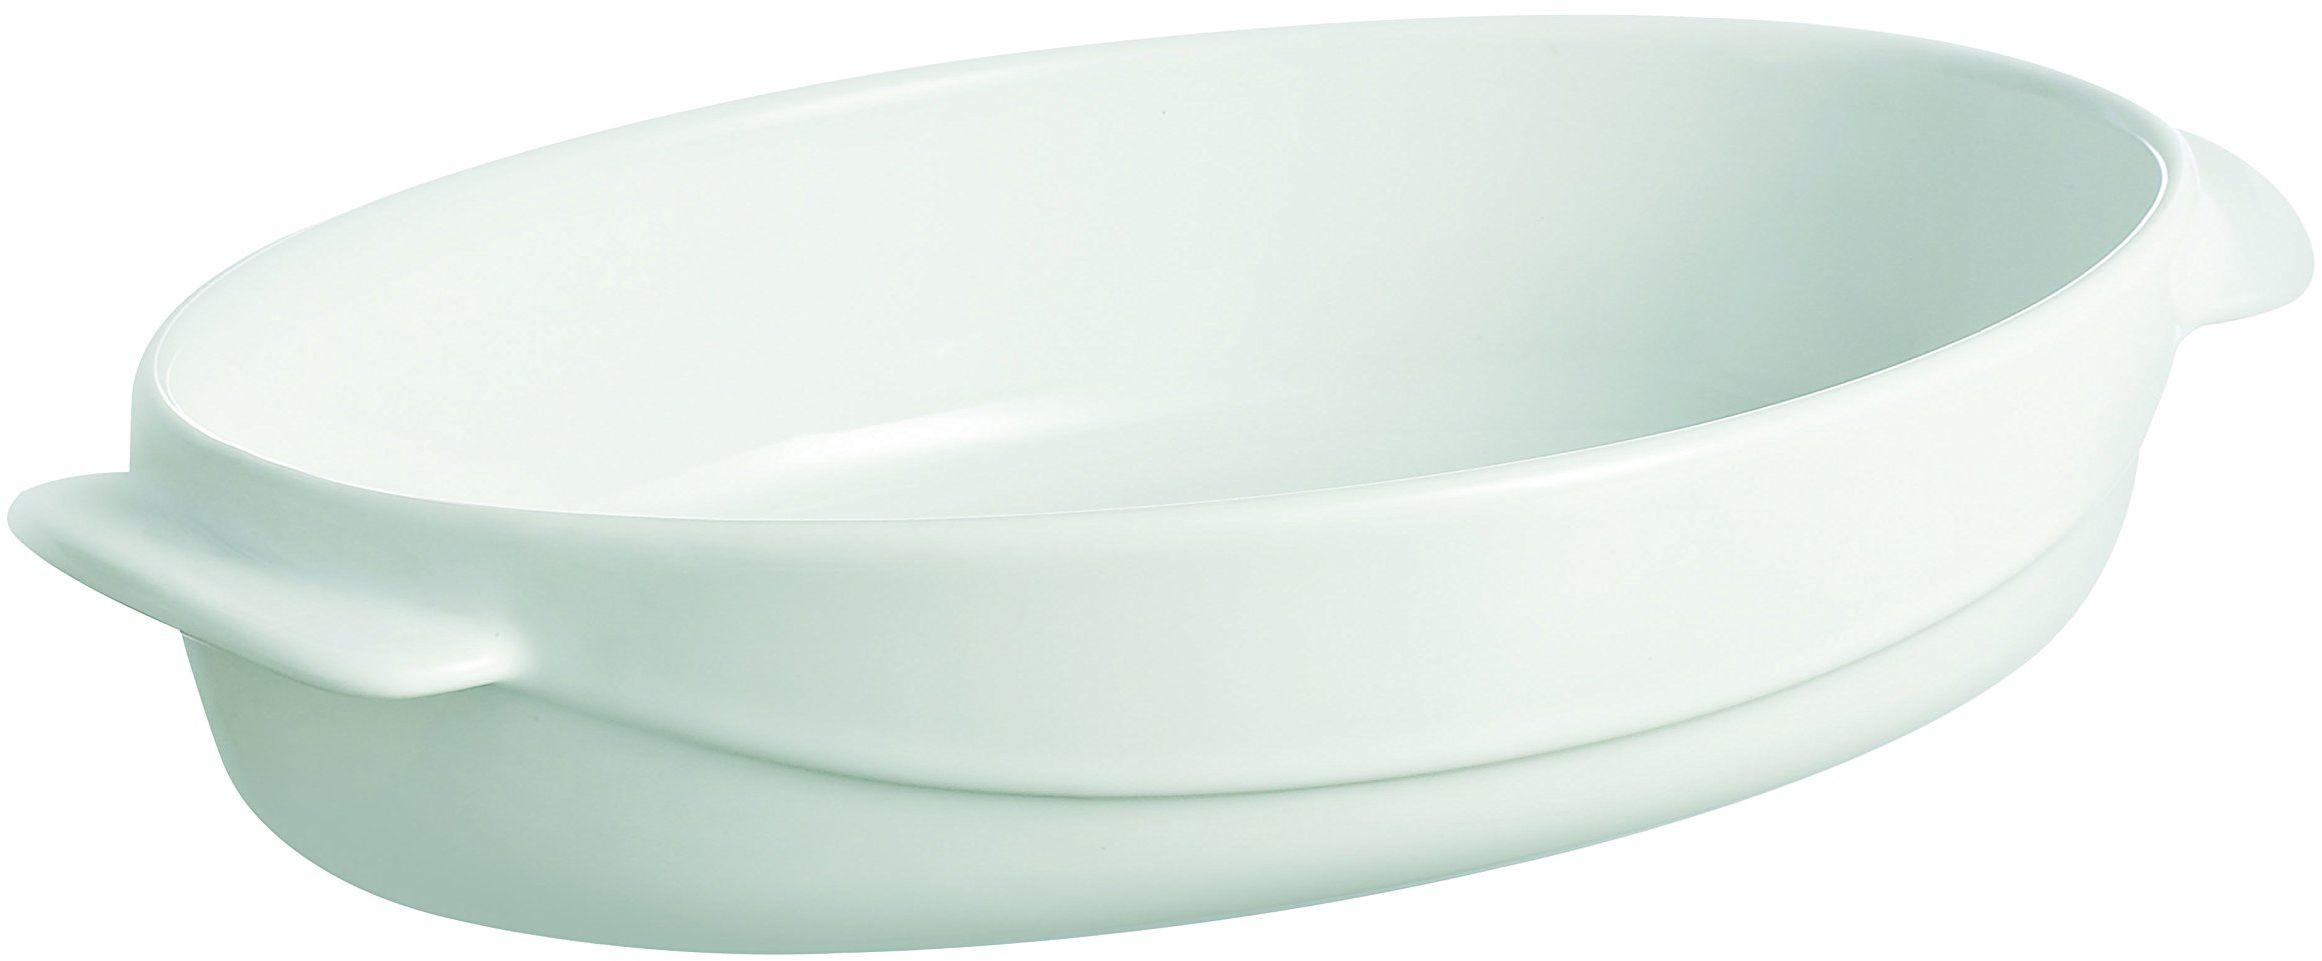 Pyrex Ceramic Wave 4936339 forma do pieca, biała